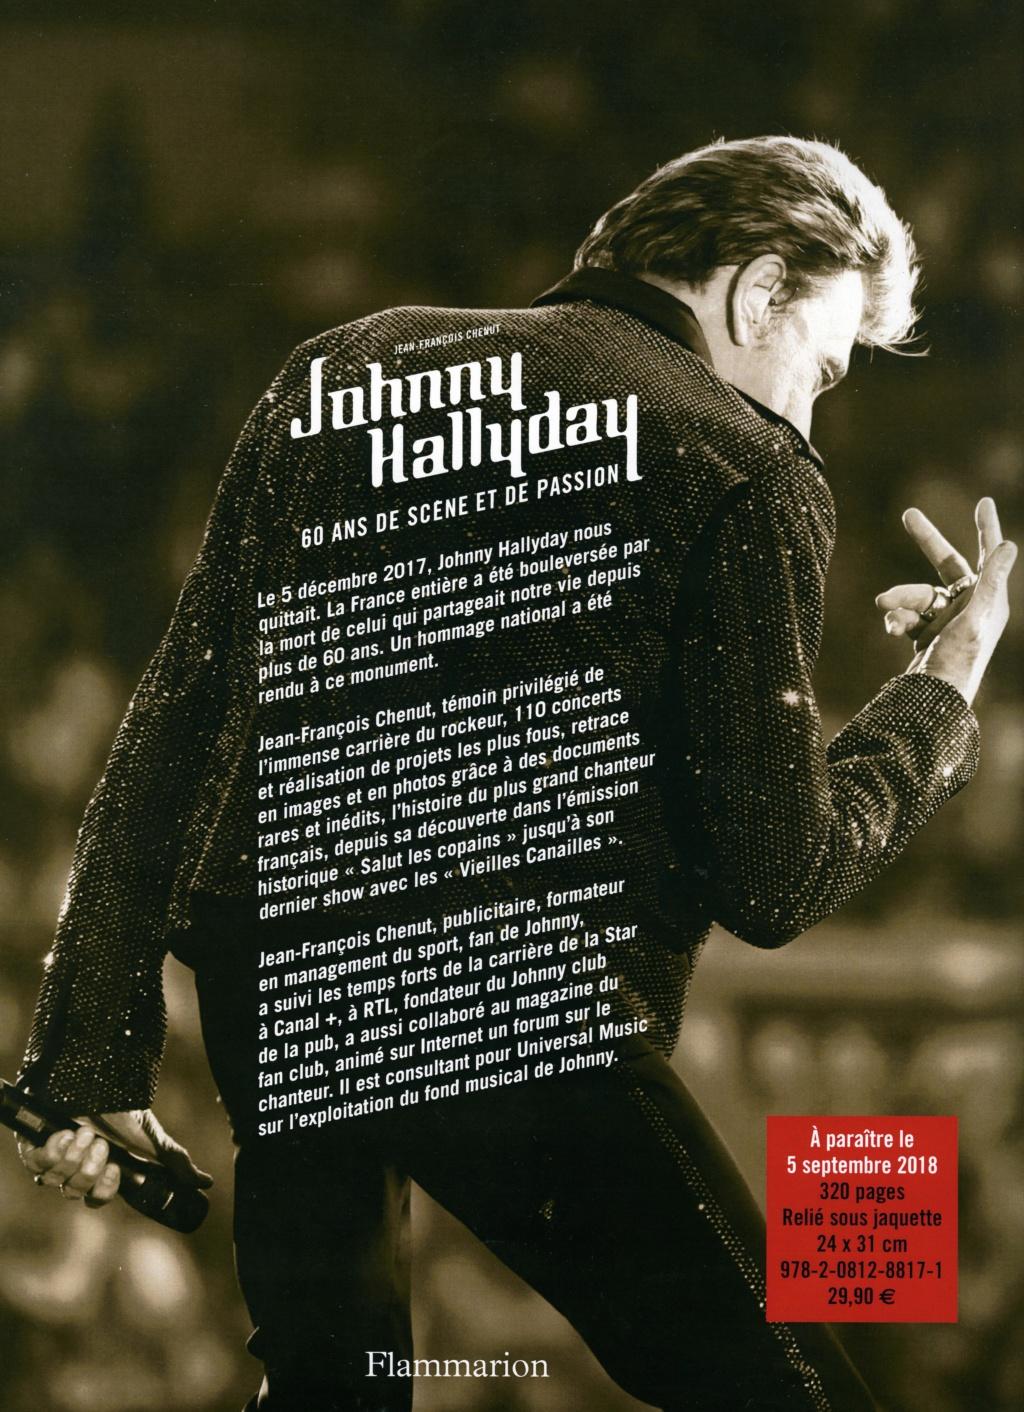 Johnny Hallyday 50 ans de scène et de passion: Kit de presse 60ans_20